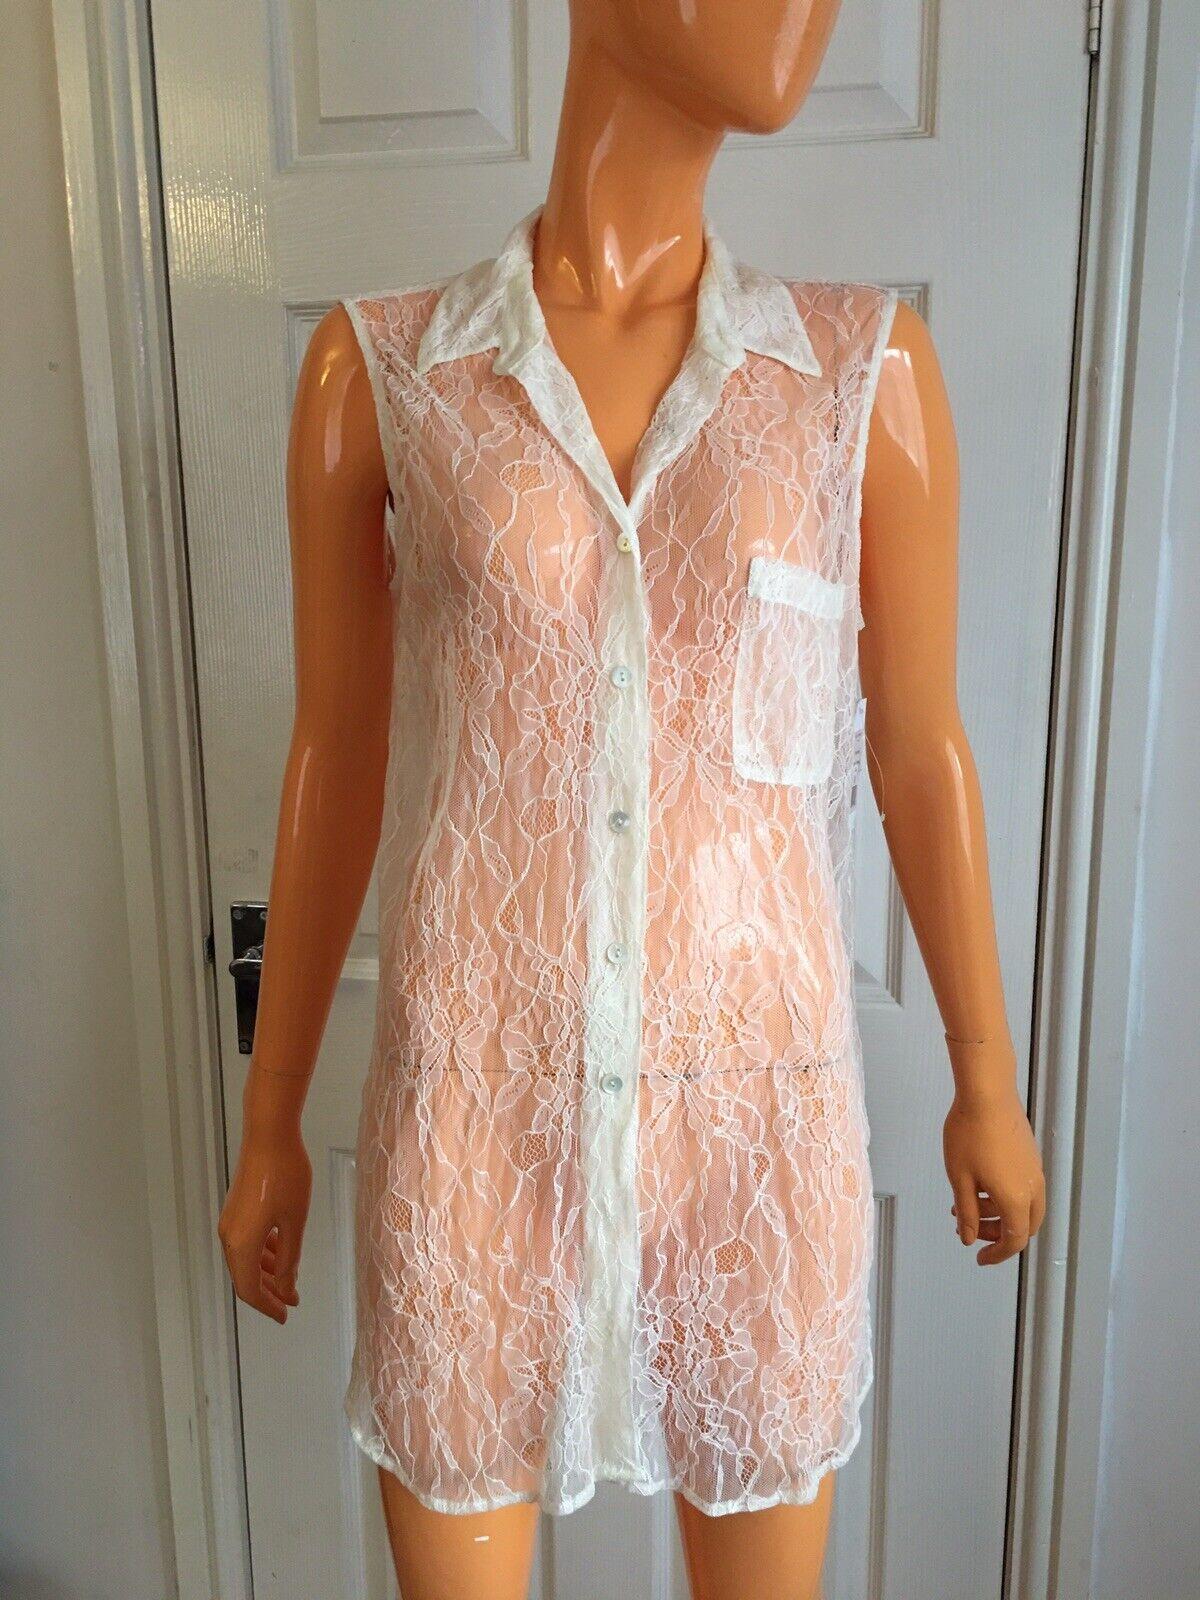 Equipment Donna naturale bianco pizzo senza maniche Sheer Sheer Sheer Lunga Camicia Taglia M UK8-10 Nuovo con etichette 3788de